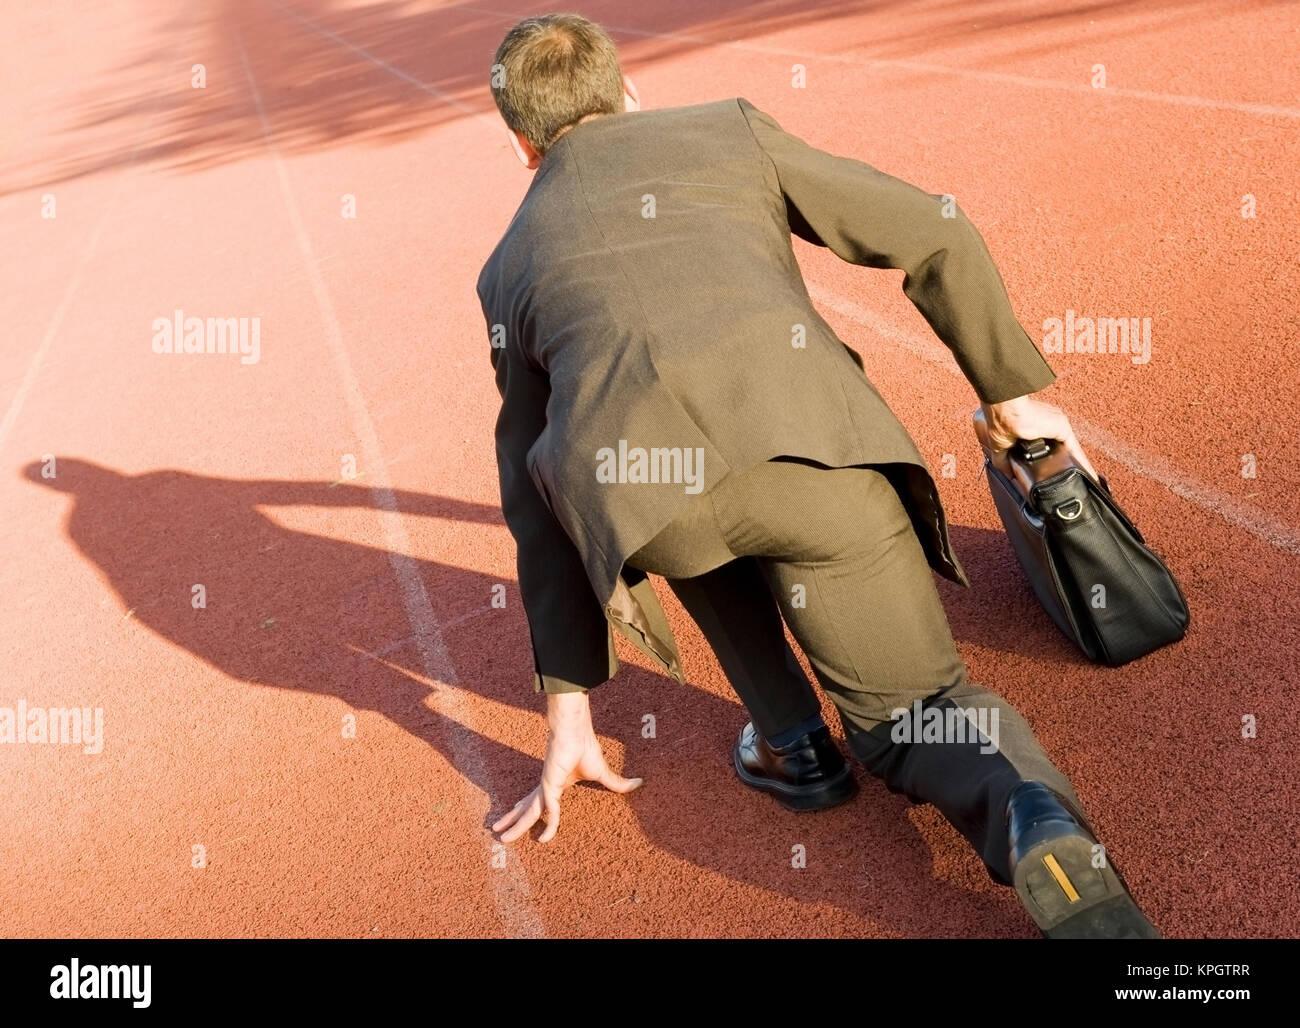 Model released , Gesch?ftsmann in Startposition auf der Laufbahn - business man on running track - Stock Image